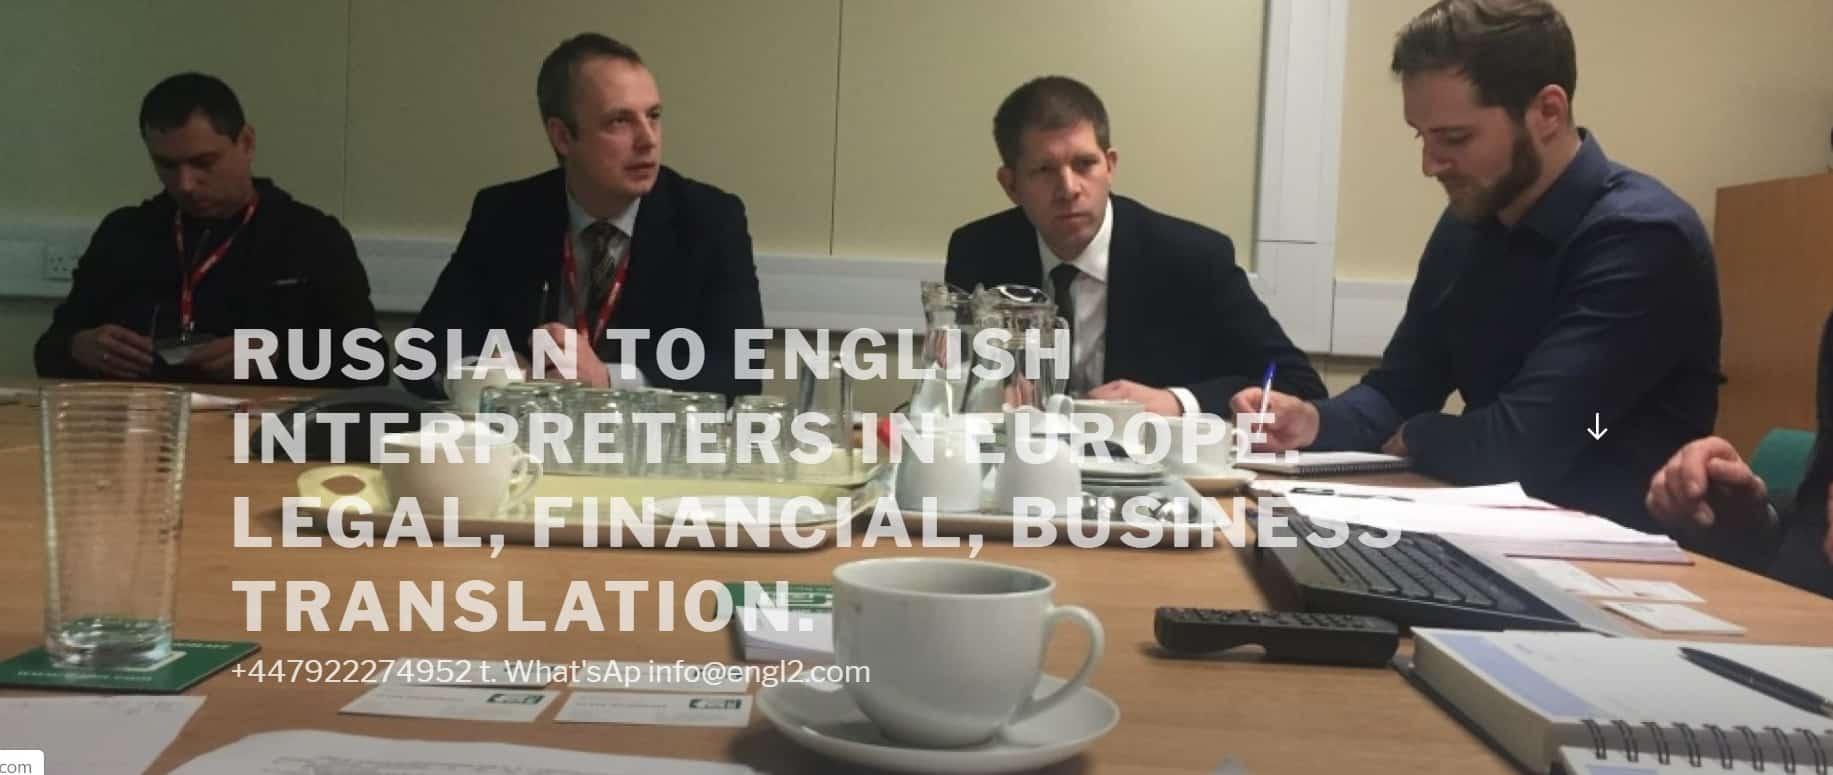 Перевод с русского на английский во время деловых встреч и переговоров.